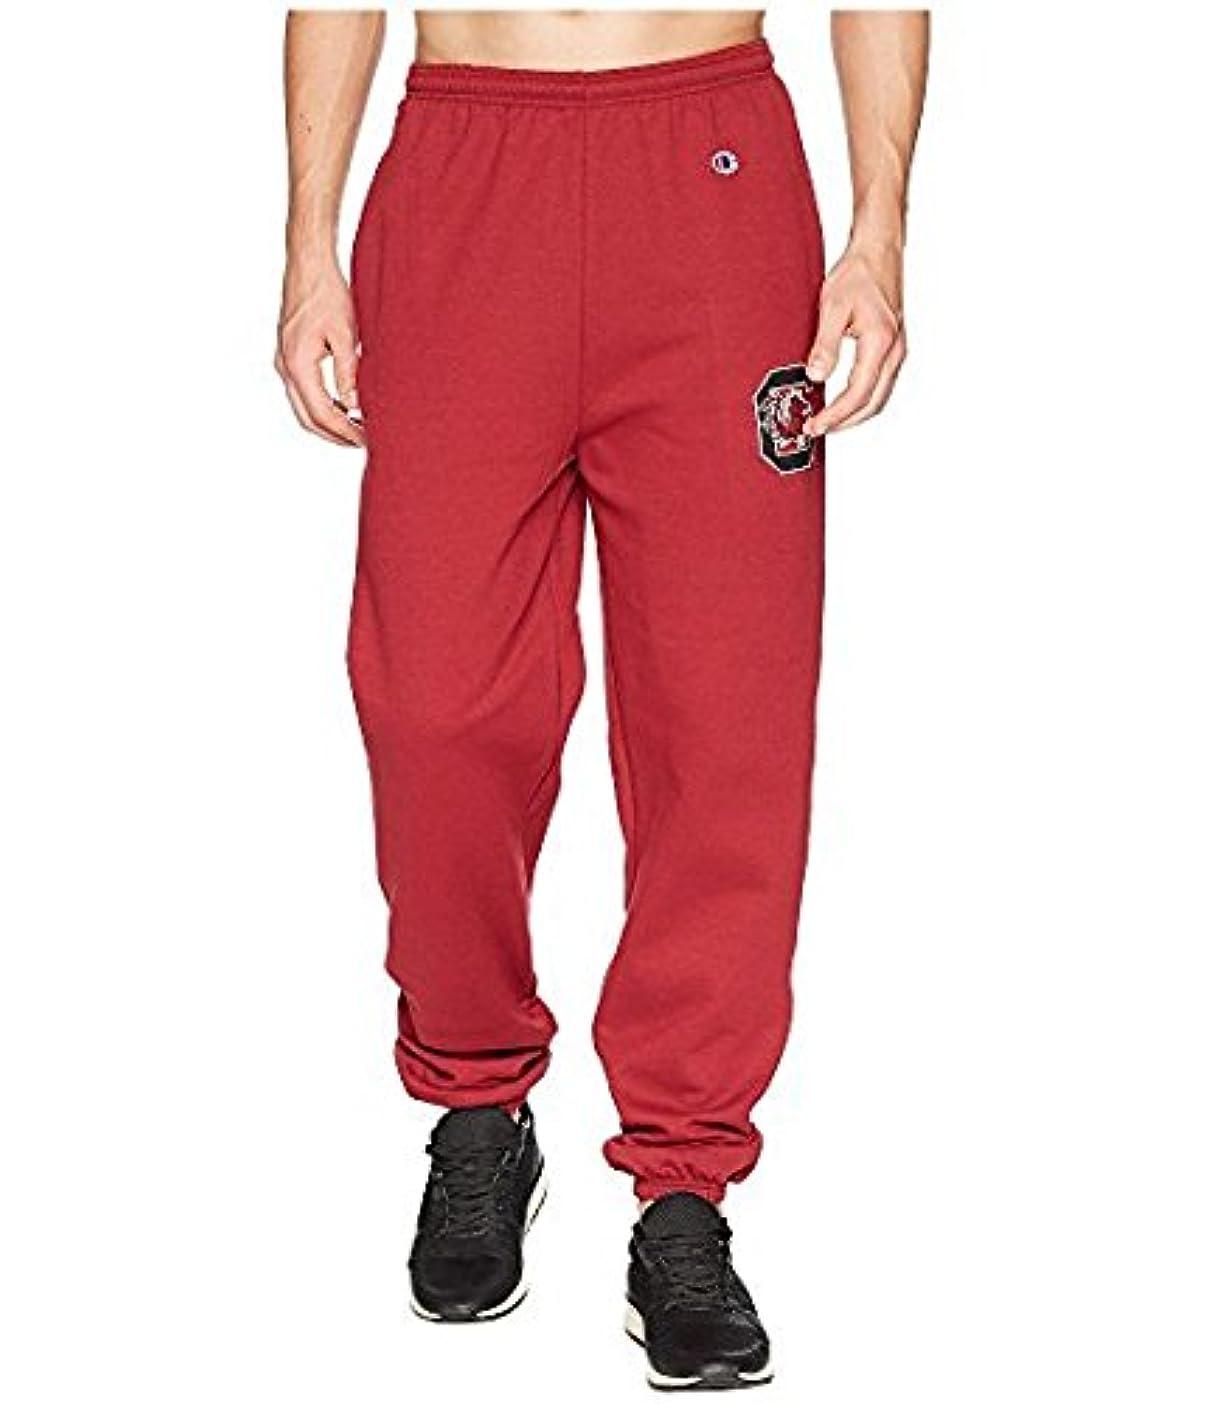 一時的世代男らしいチャンピオン Champion College メンズ パンツ Garnet South Carolina Gamecocks Eco Powerblend Banded Pants SM Garnet [並行輸入品]